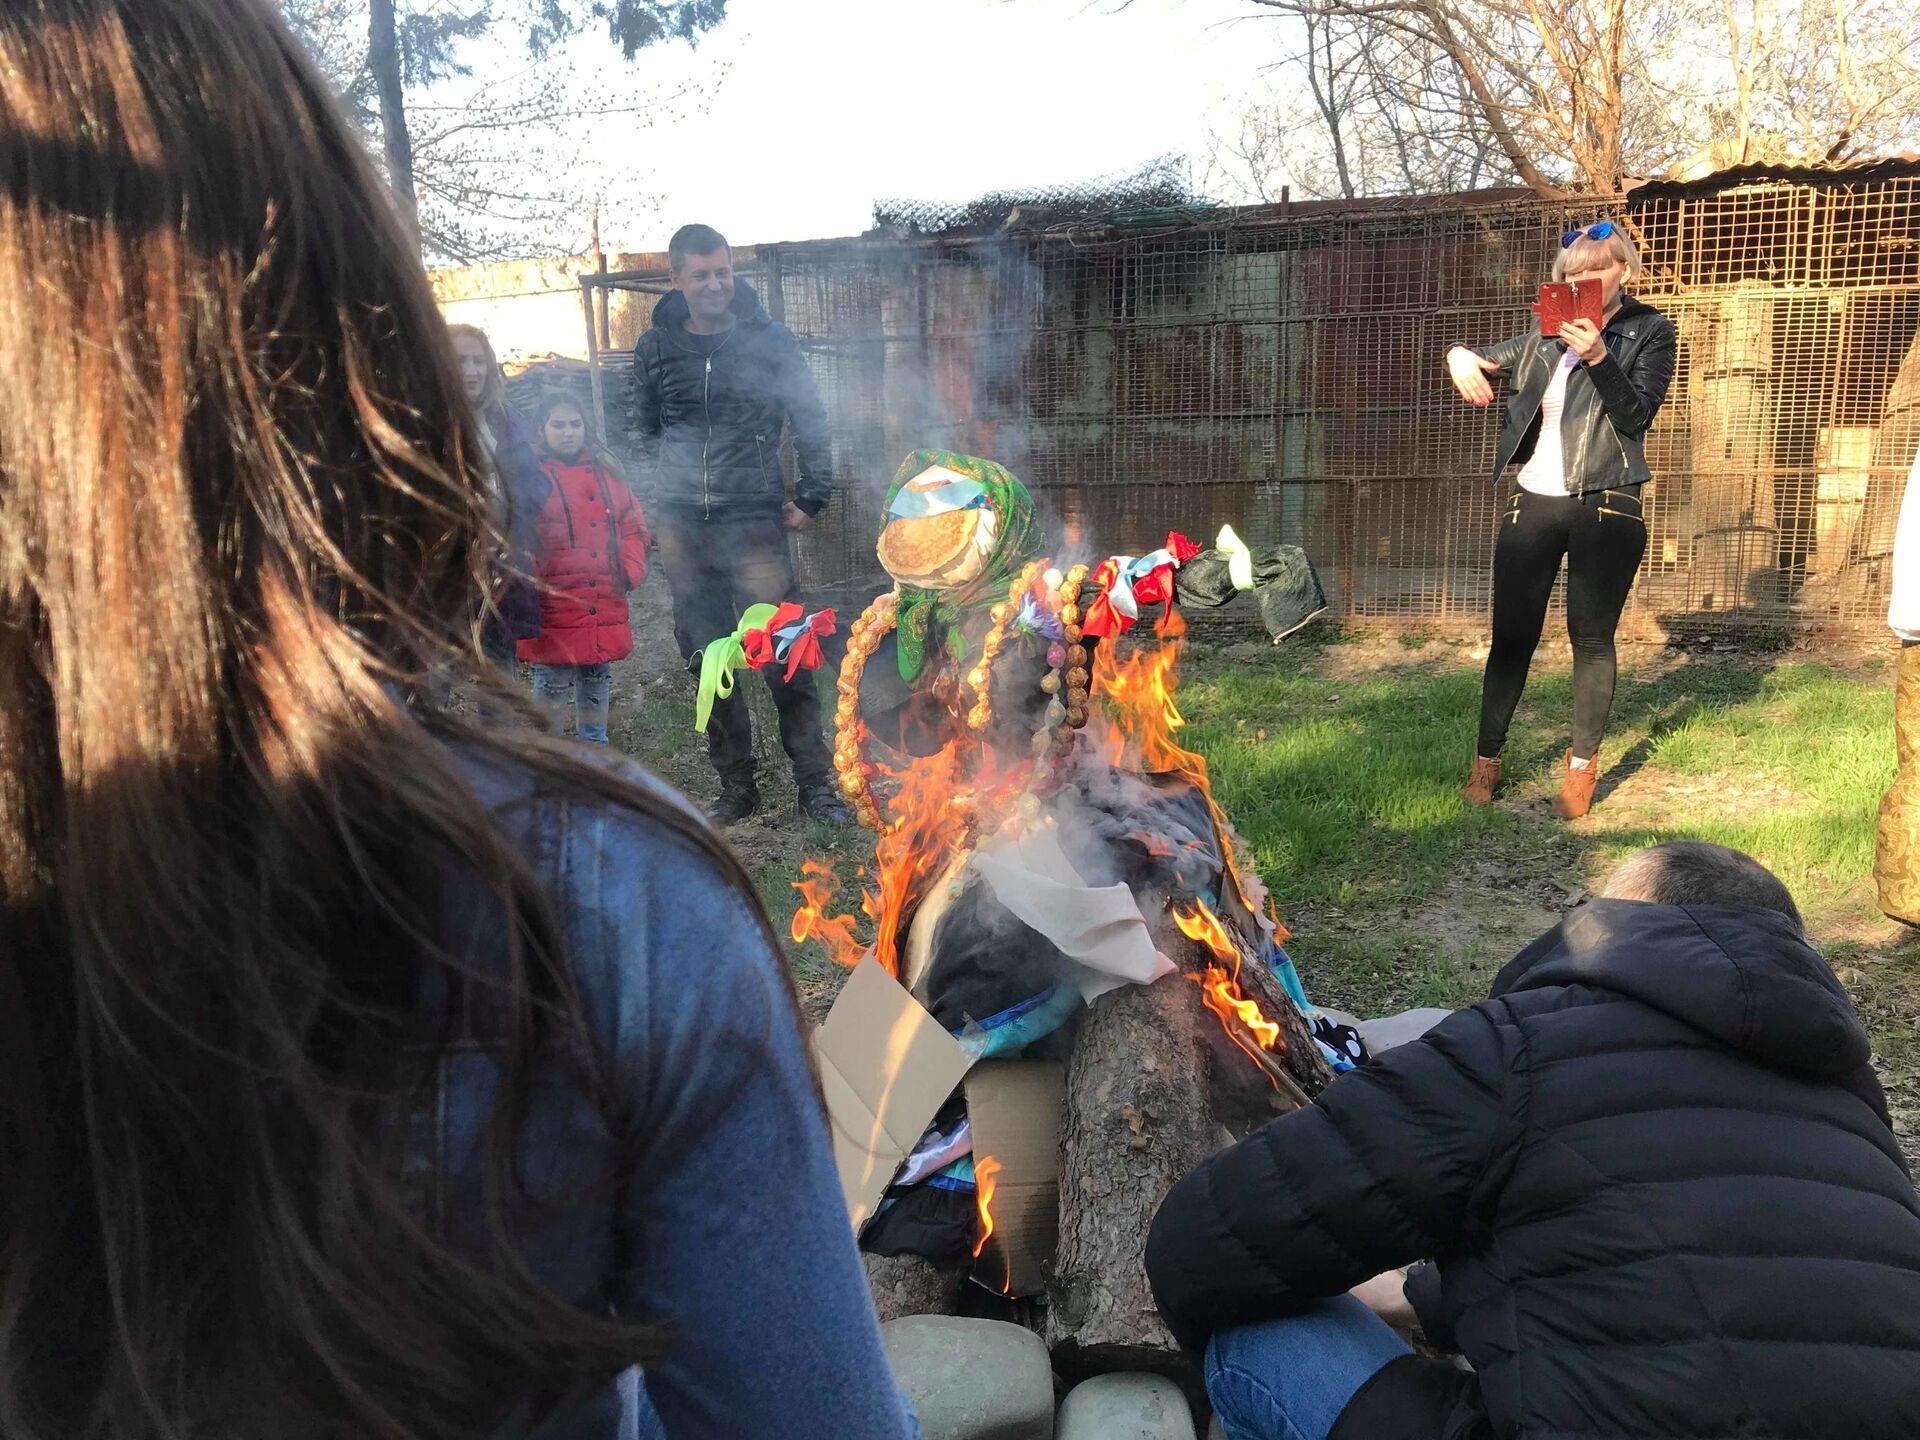 Почему на Масленицу пекут блины и сжигают чучело? Традиции праздника - Sputnik Грузия, 1920, 05.03.2021